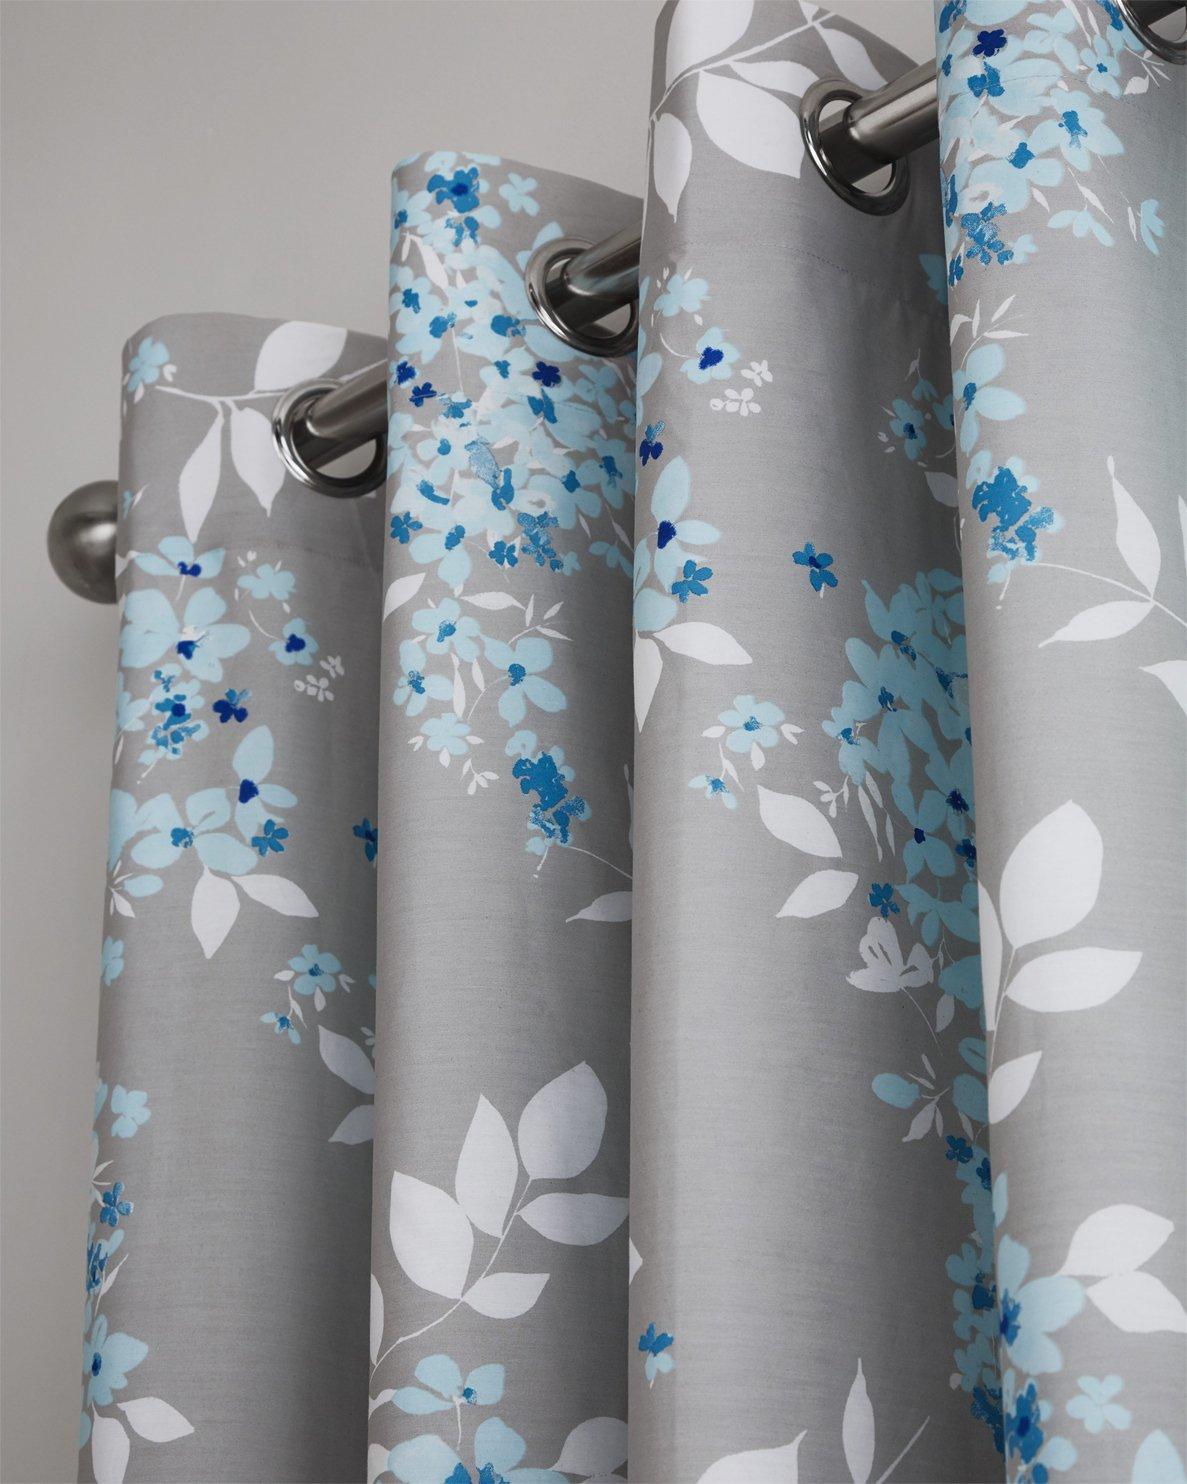 Lancashire Textiles Deluxe Sophia Floral Duck Egg Blue//Grey Filled Boudoir Cushion